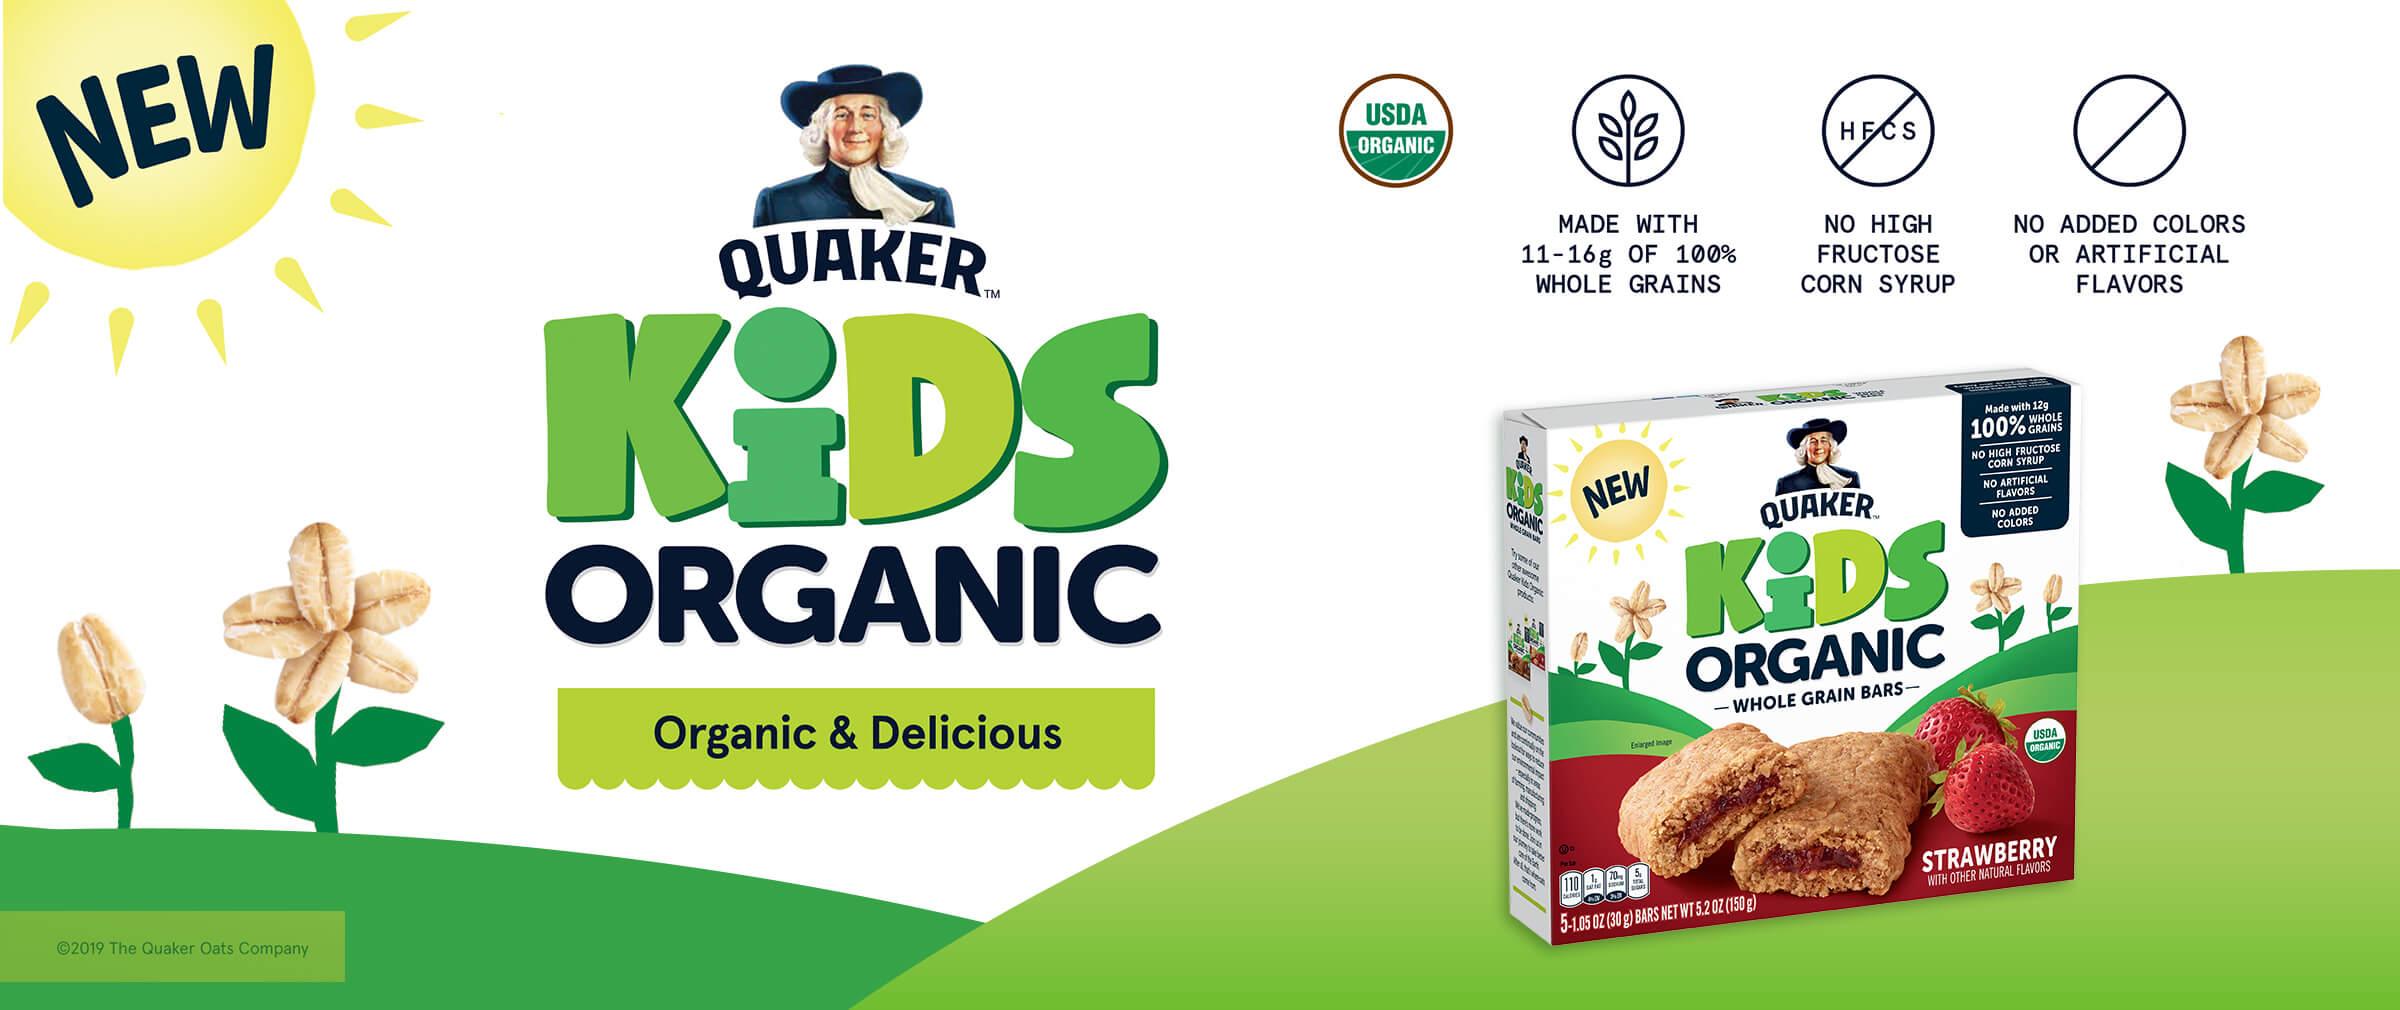 Quaker - Kids organic & delicious